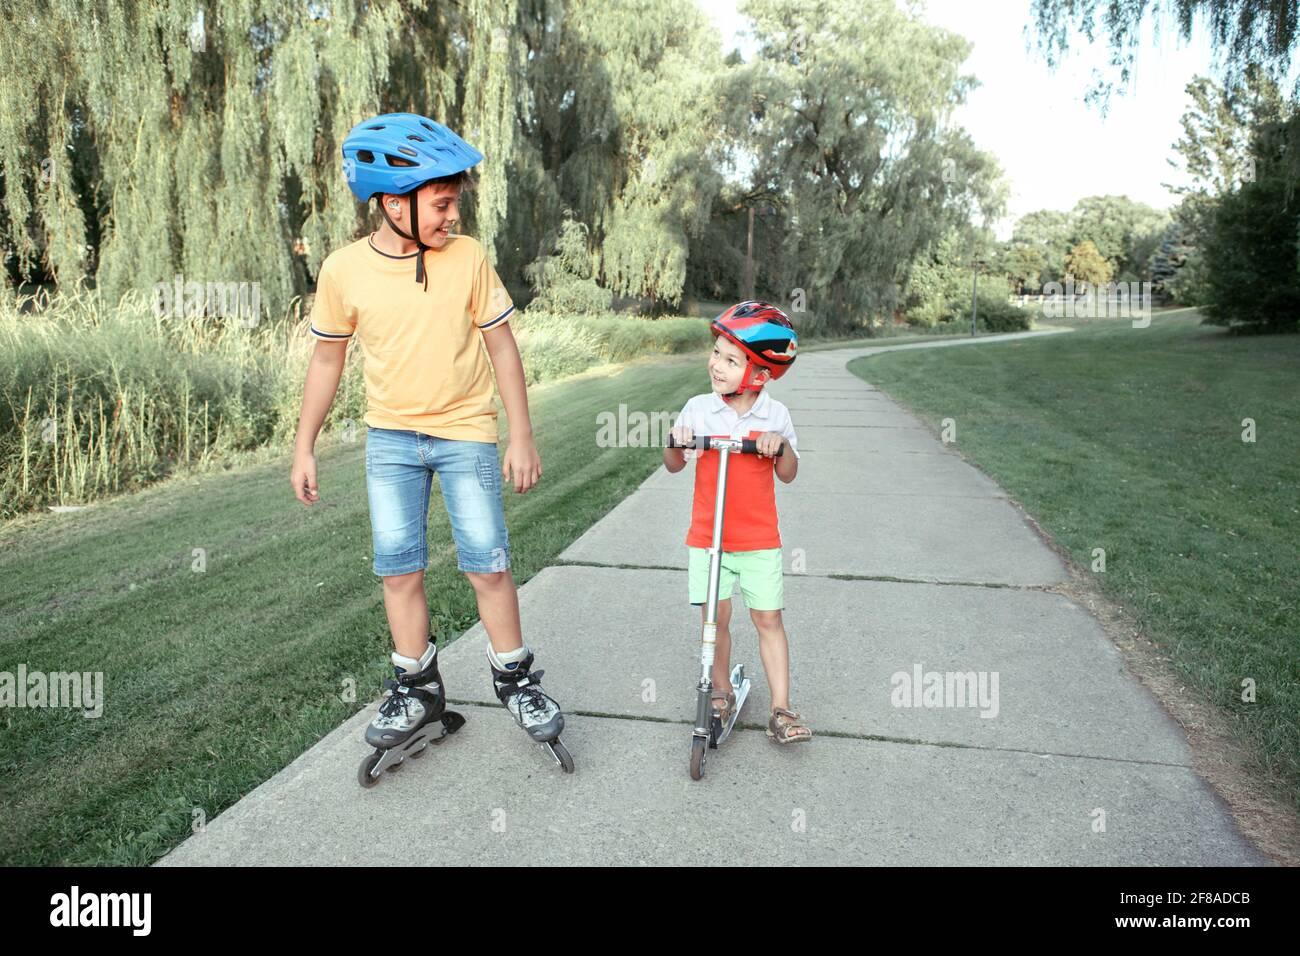 Kaukasische Jungen Brüder in Helmen Reiten Rollschuhe und Roller auf der Straße im Park. Saisonale Outdoor-Aktivitäten für Kinder Sport. Gesundes Kindheitsleben Stockfoto